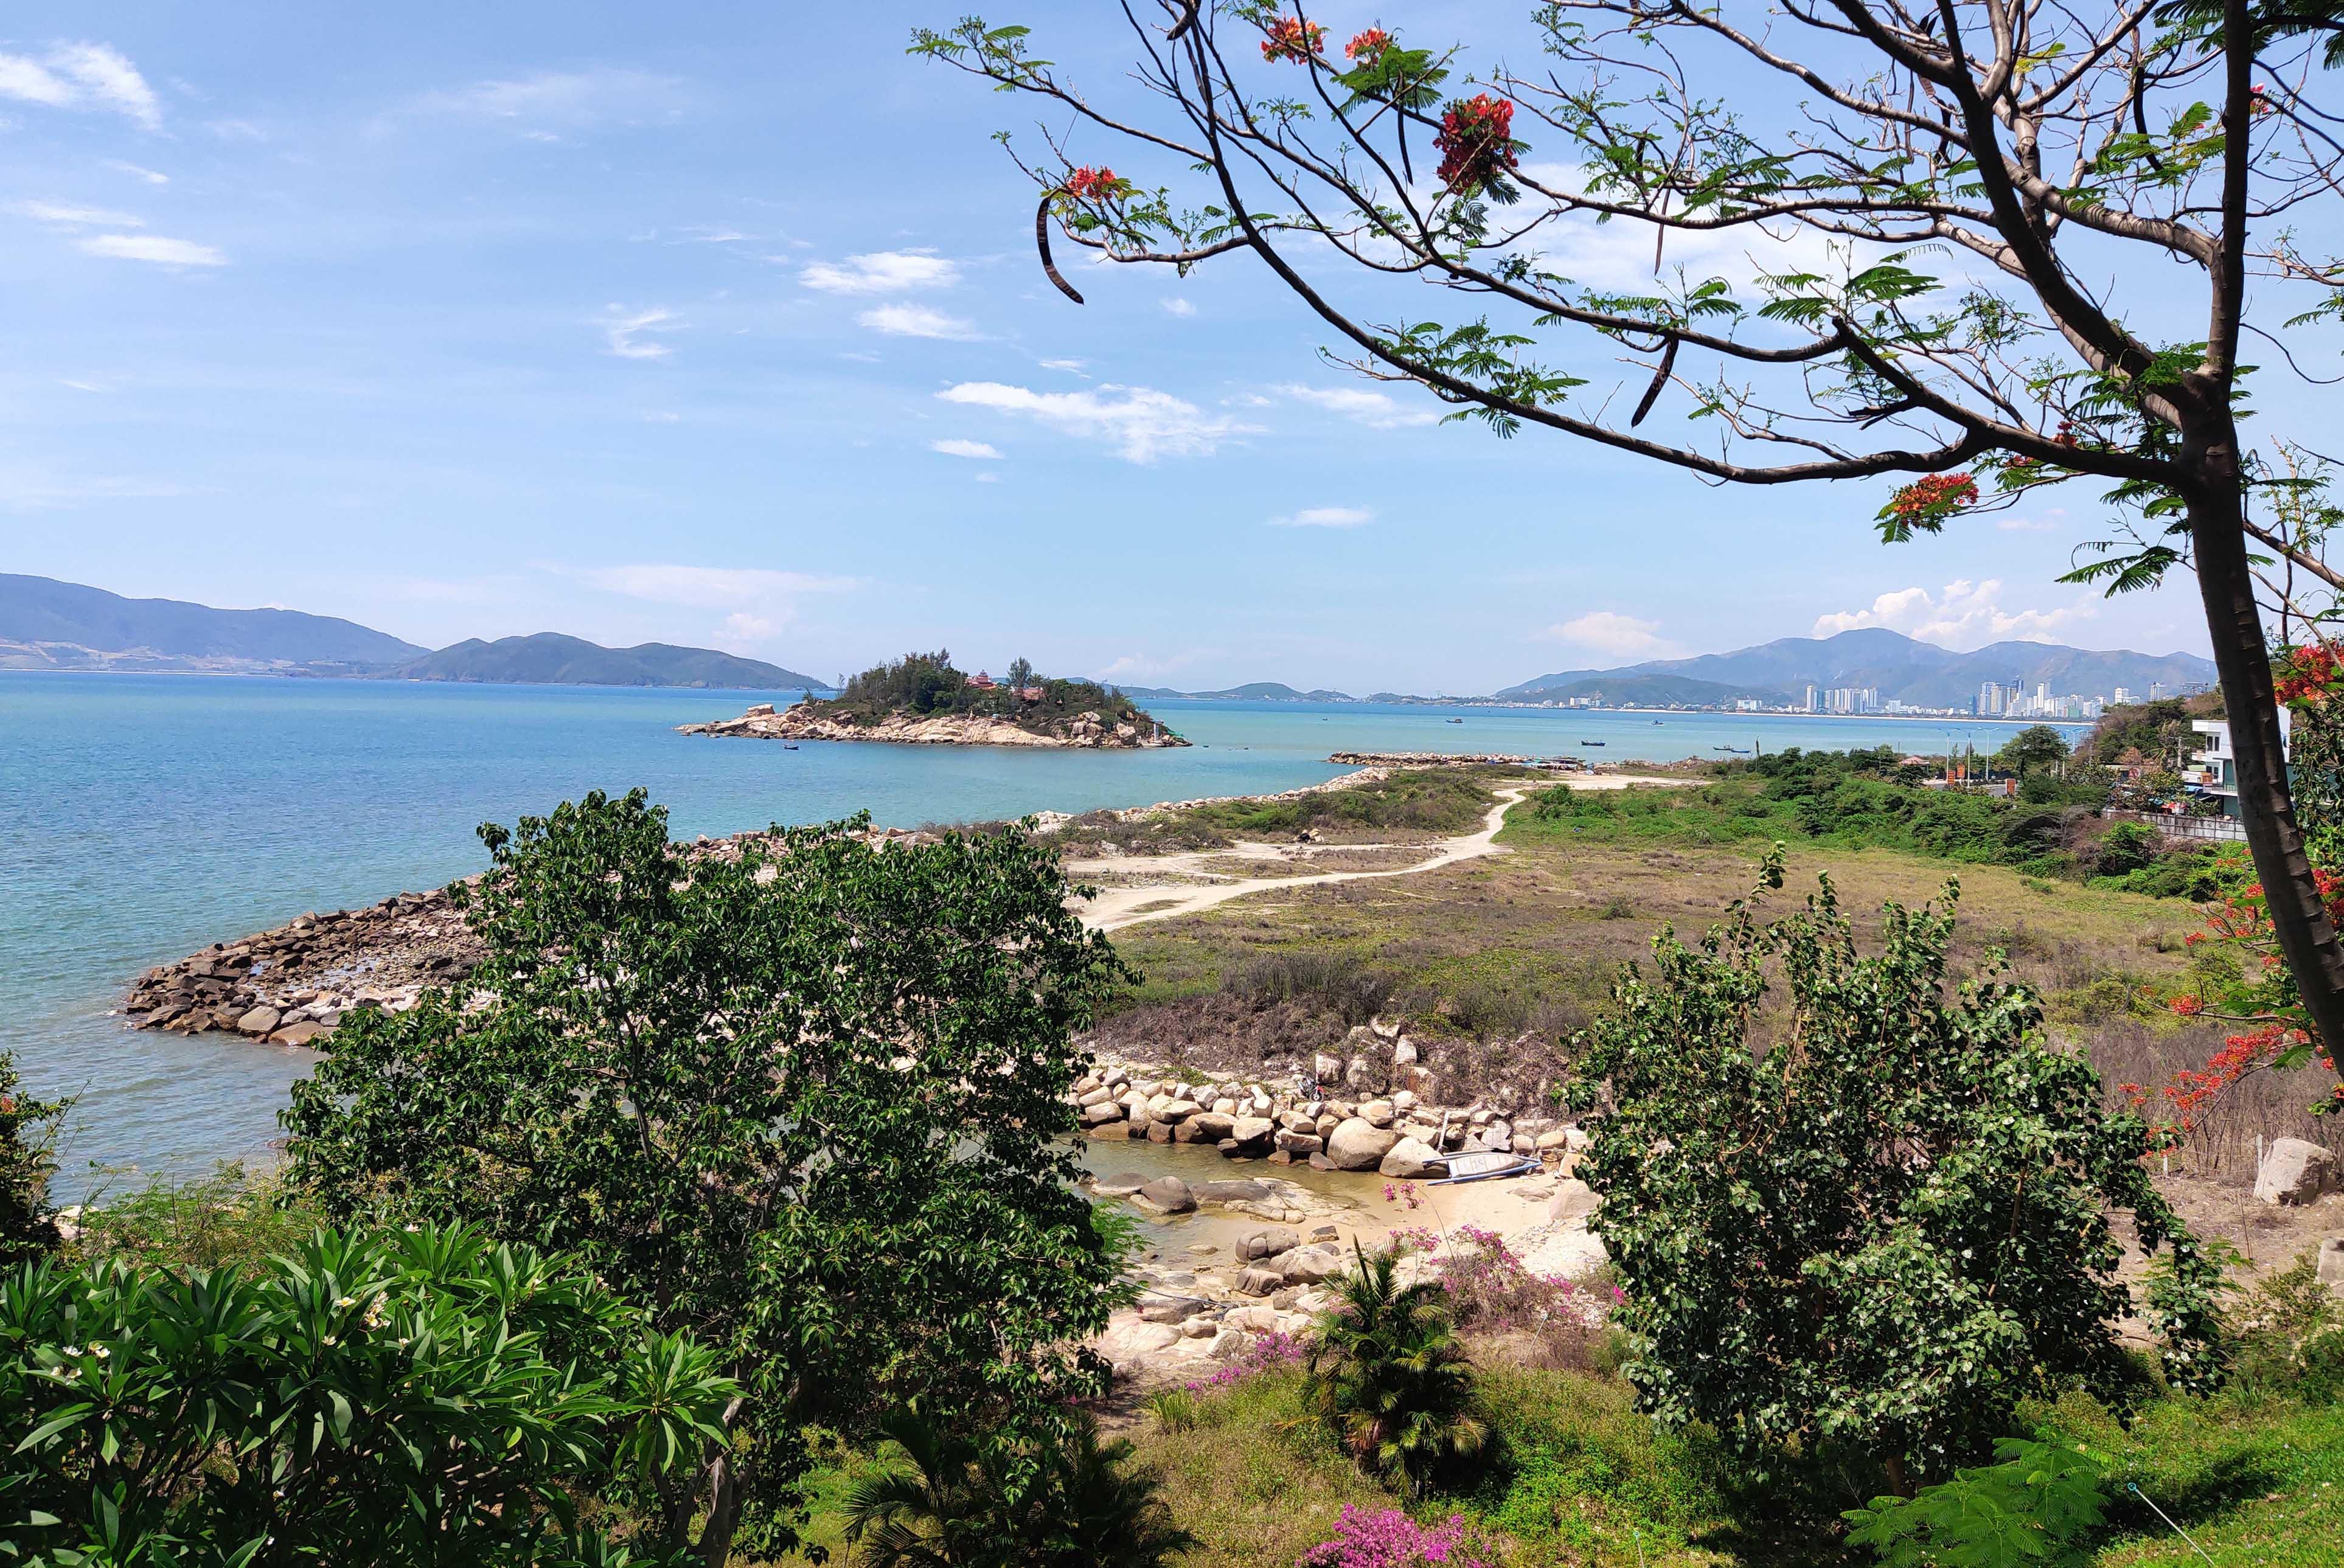 Dự án 33 triệu đô Nha Trang Sao bị thu hồi làm công viên - Ảnh 1.